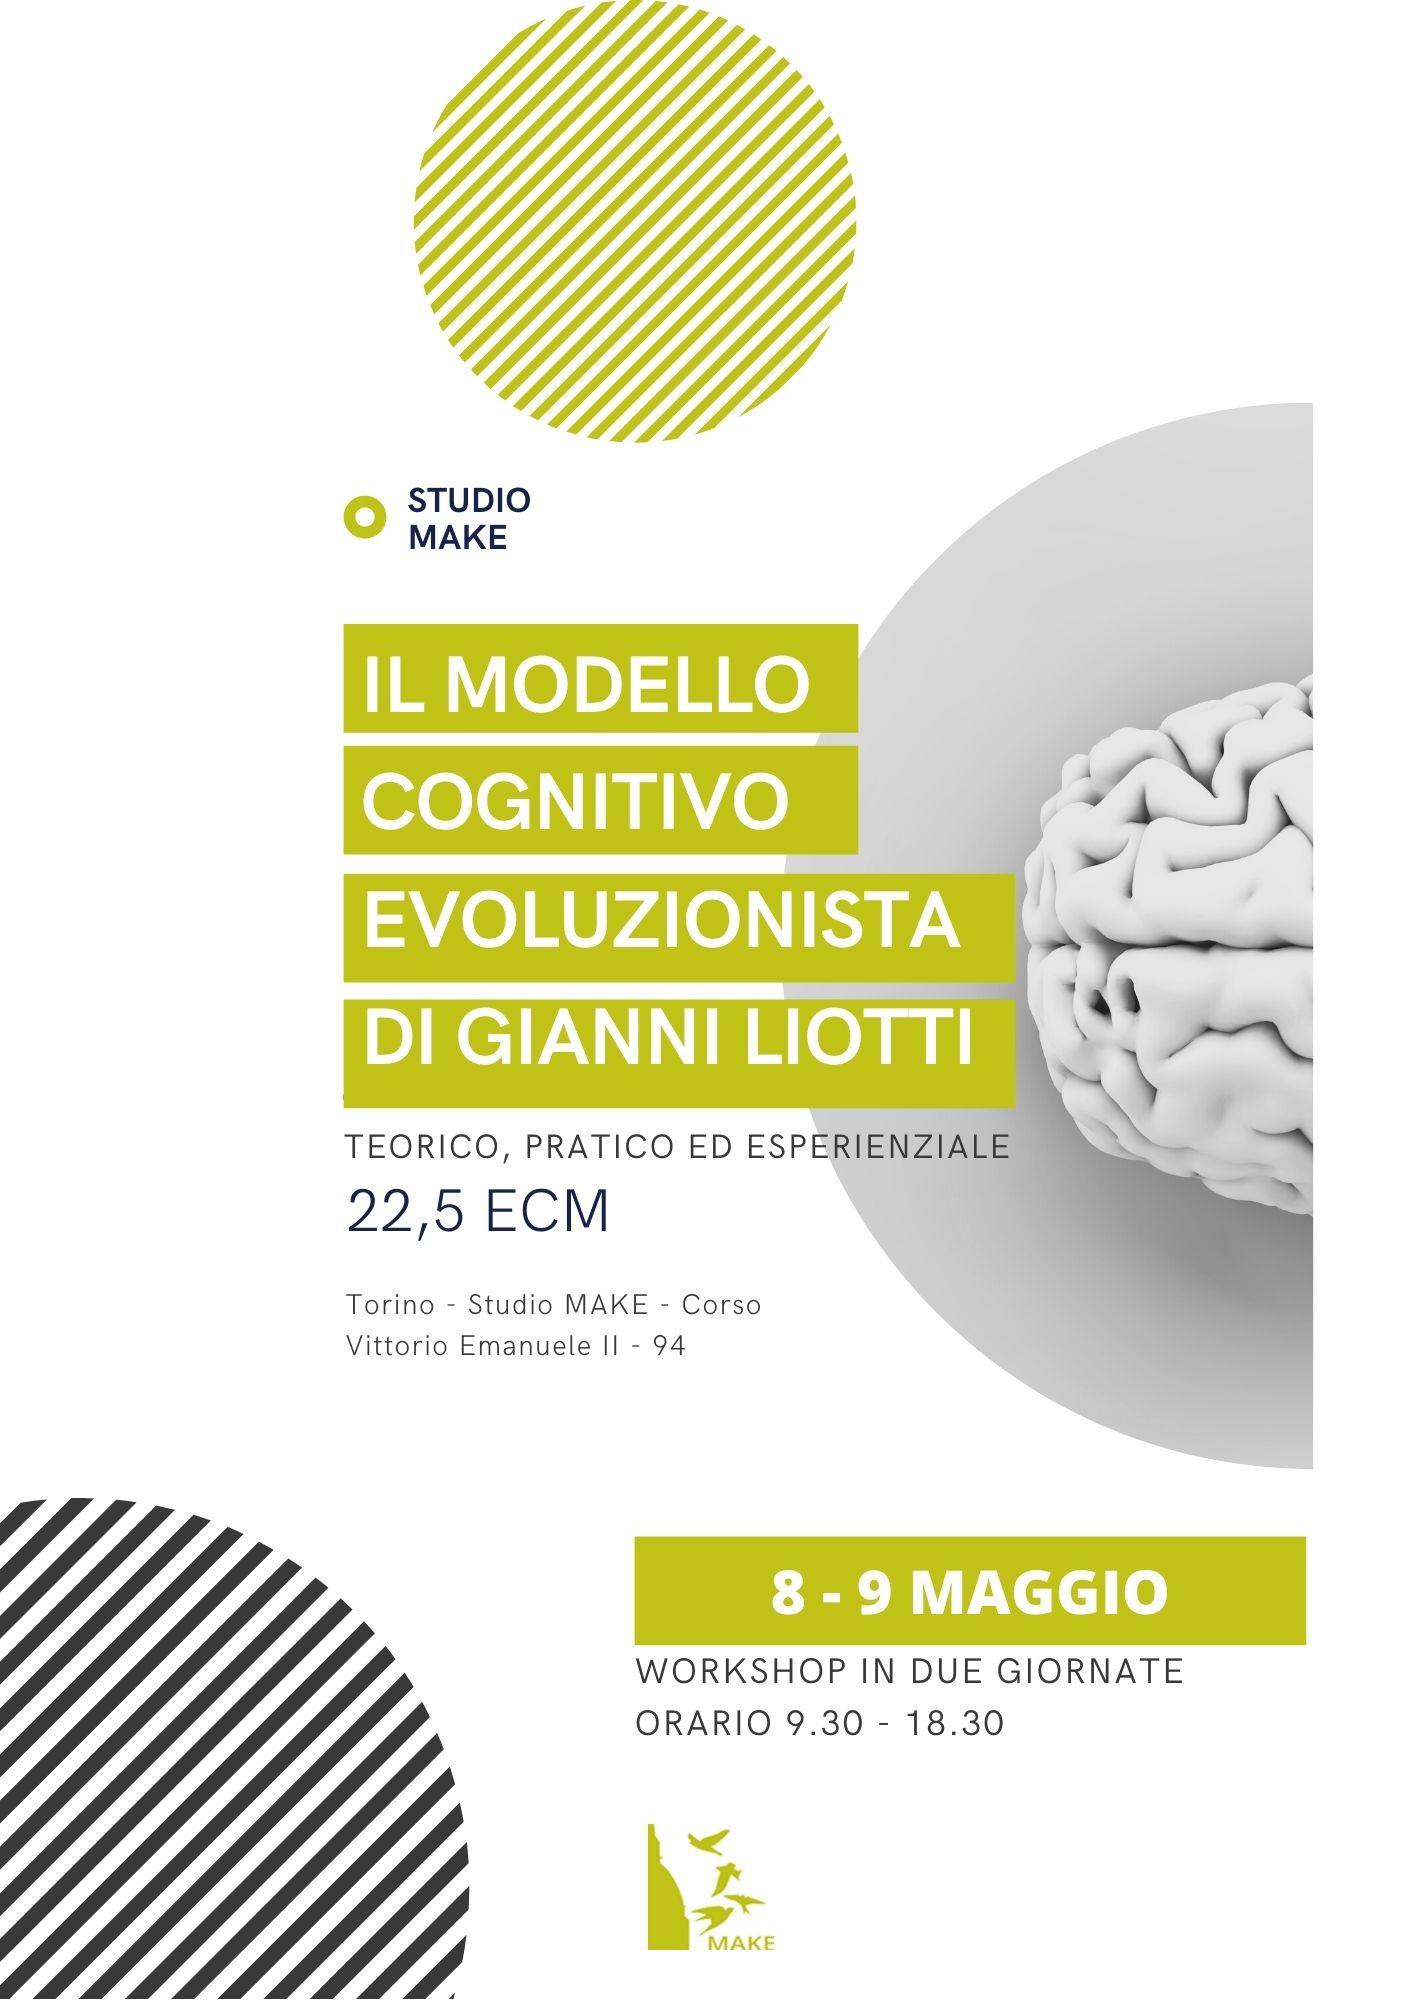 studio-make-corso-modello-cognitivo-evoluzionista-di-gianni-liotti